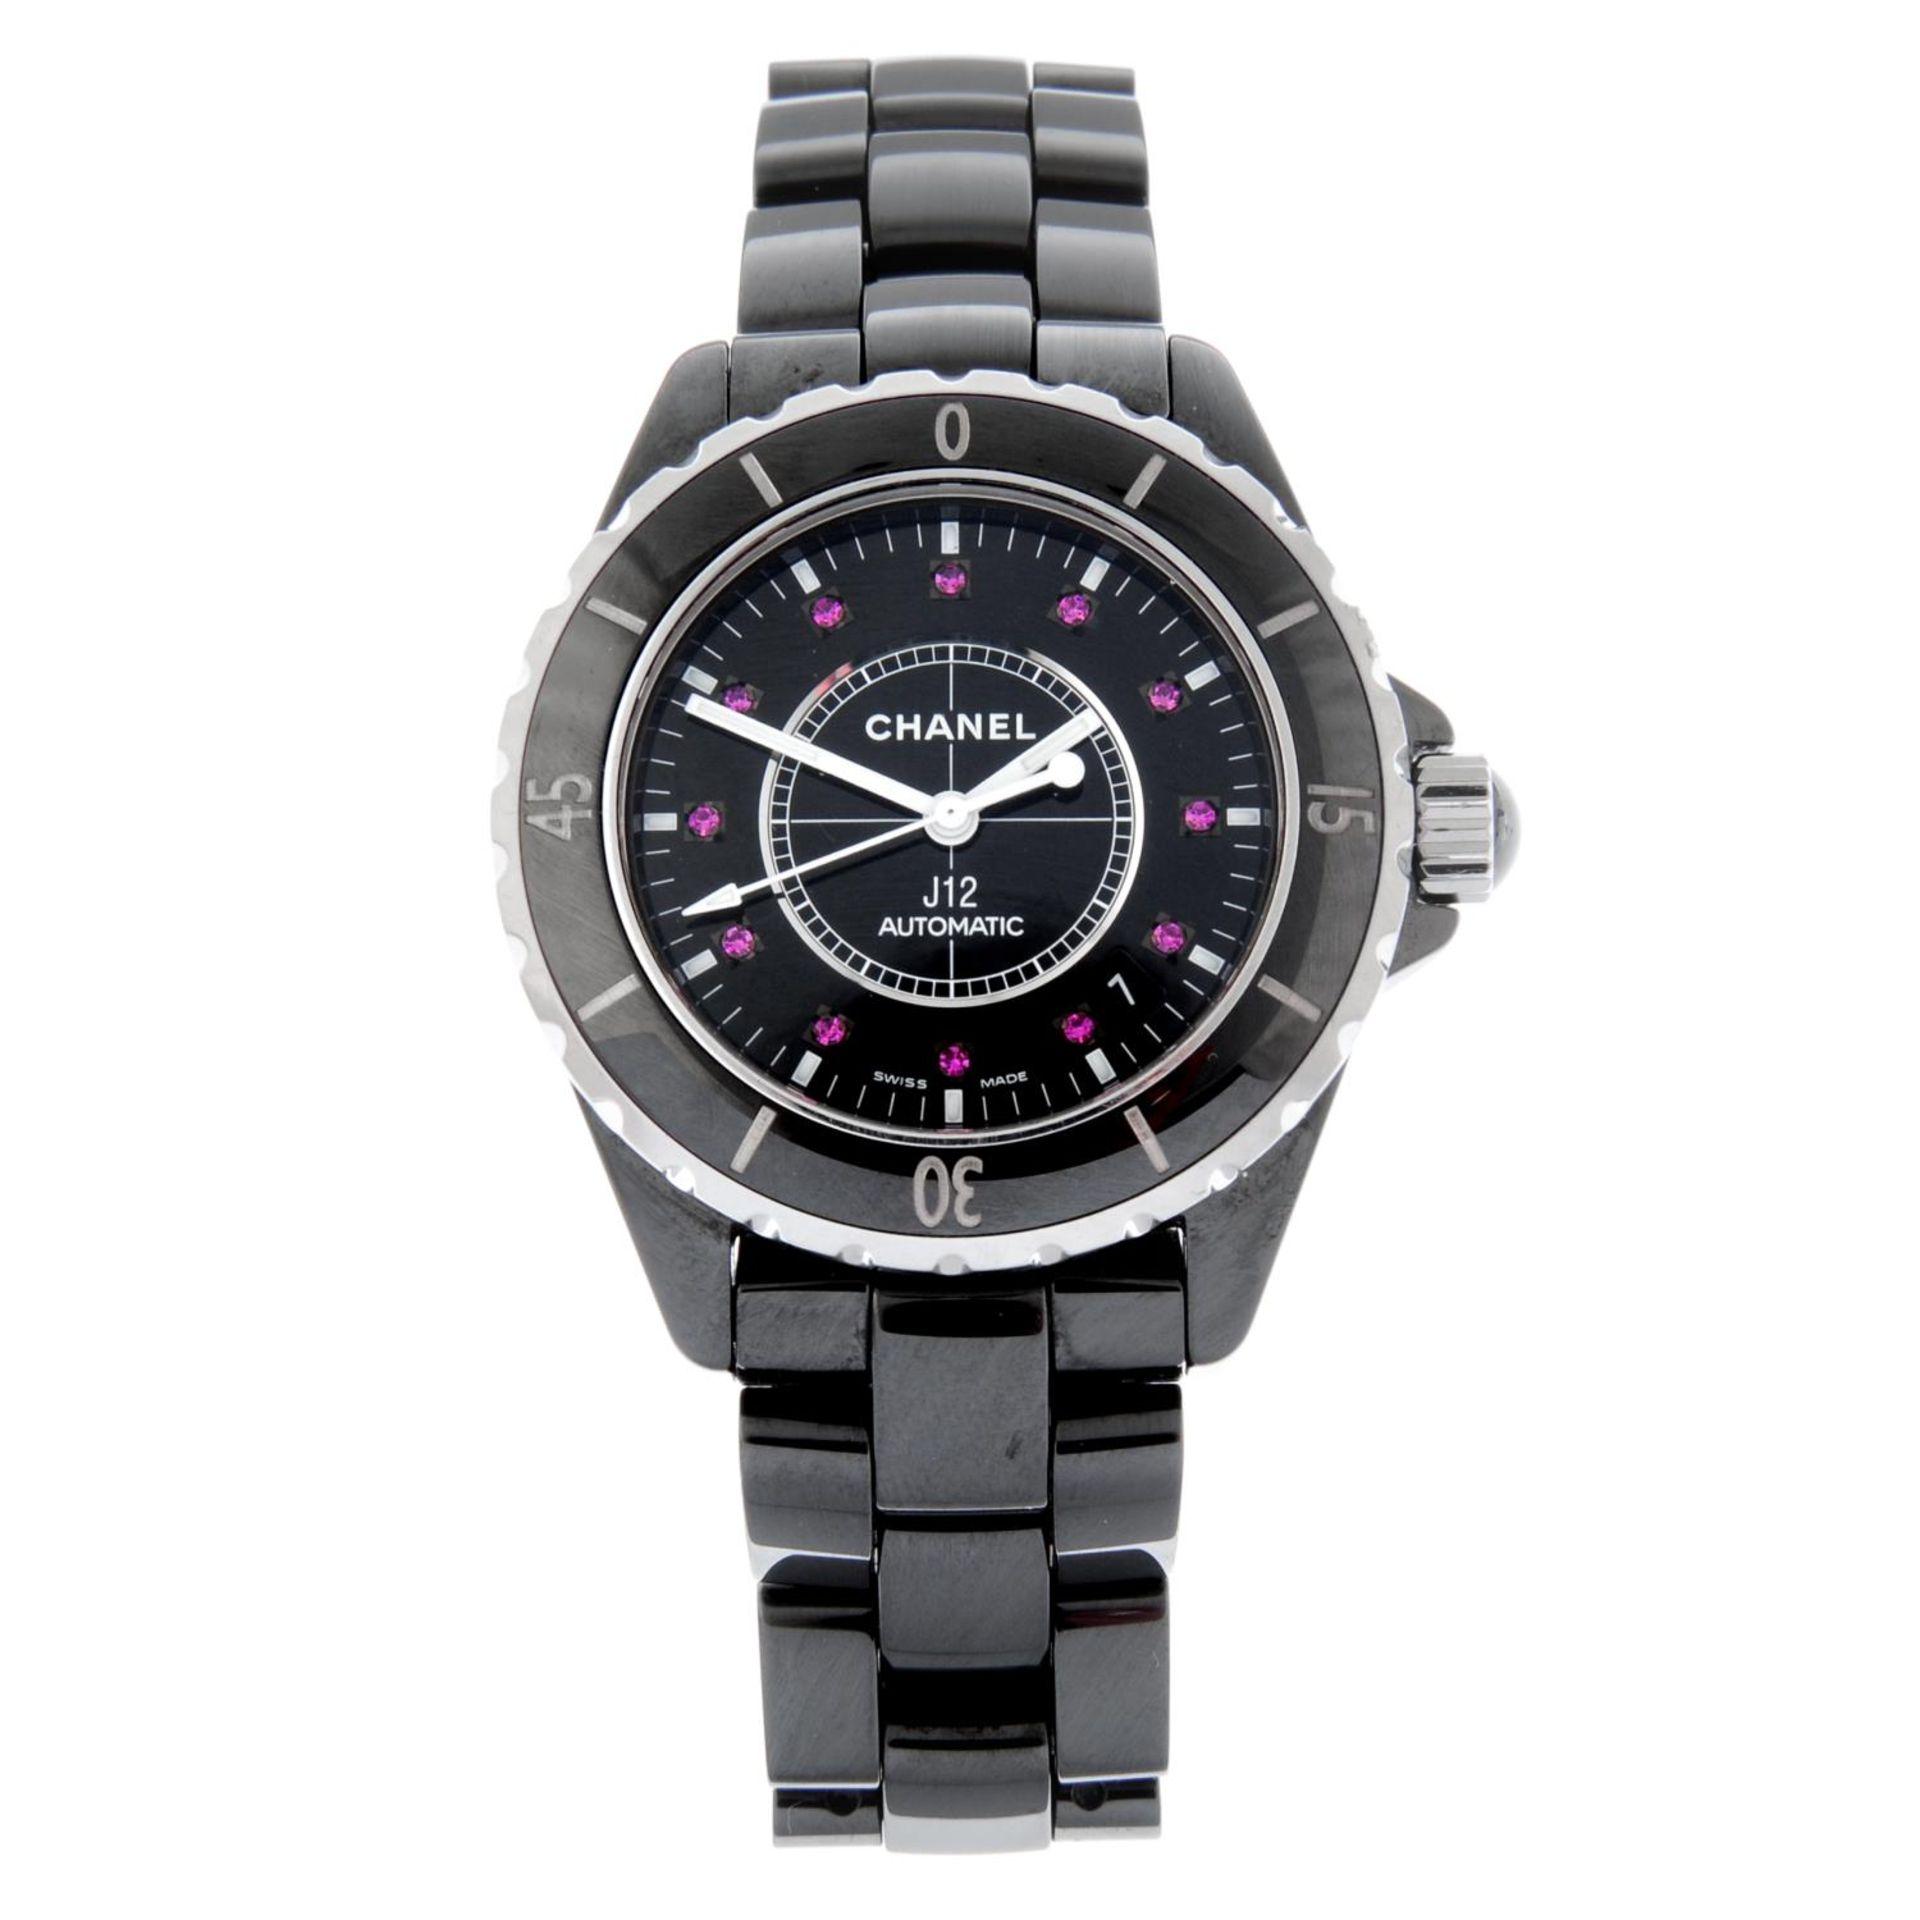 CHANEL - a J12 bracelet watch.